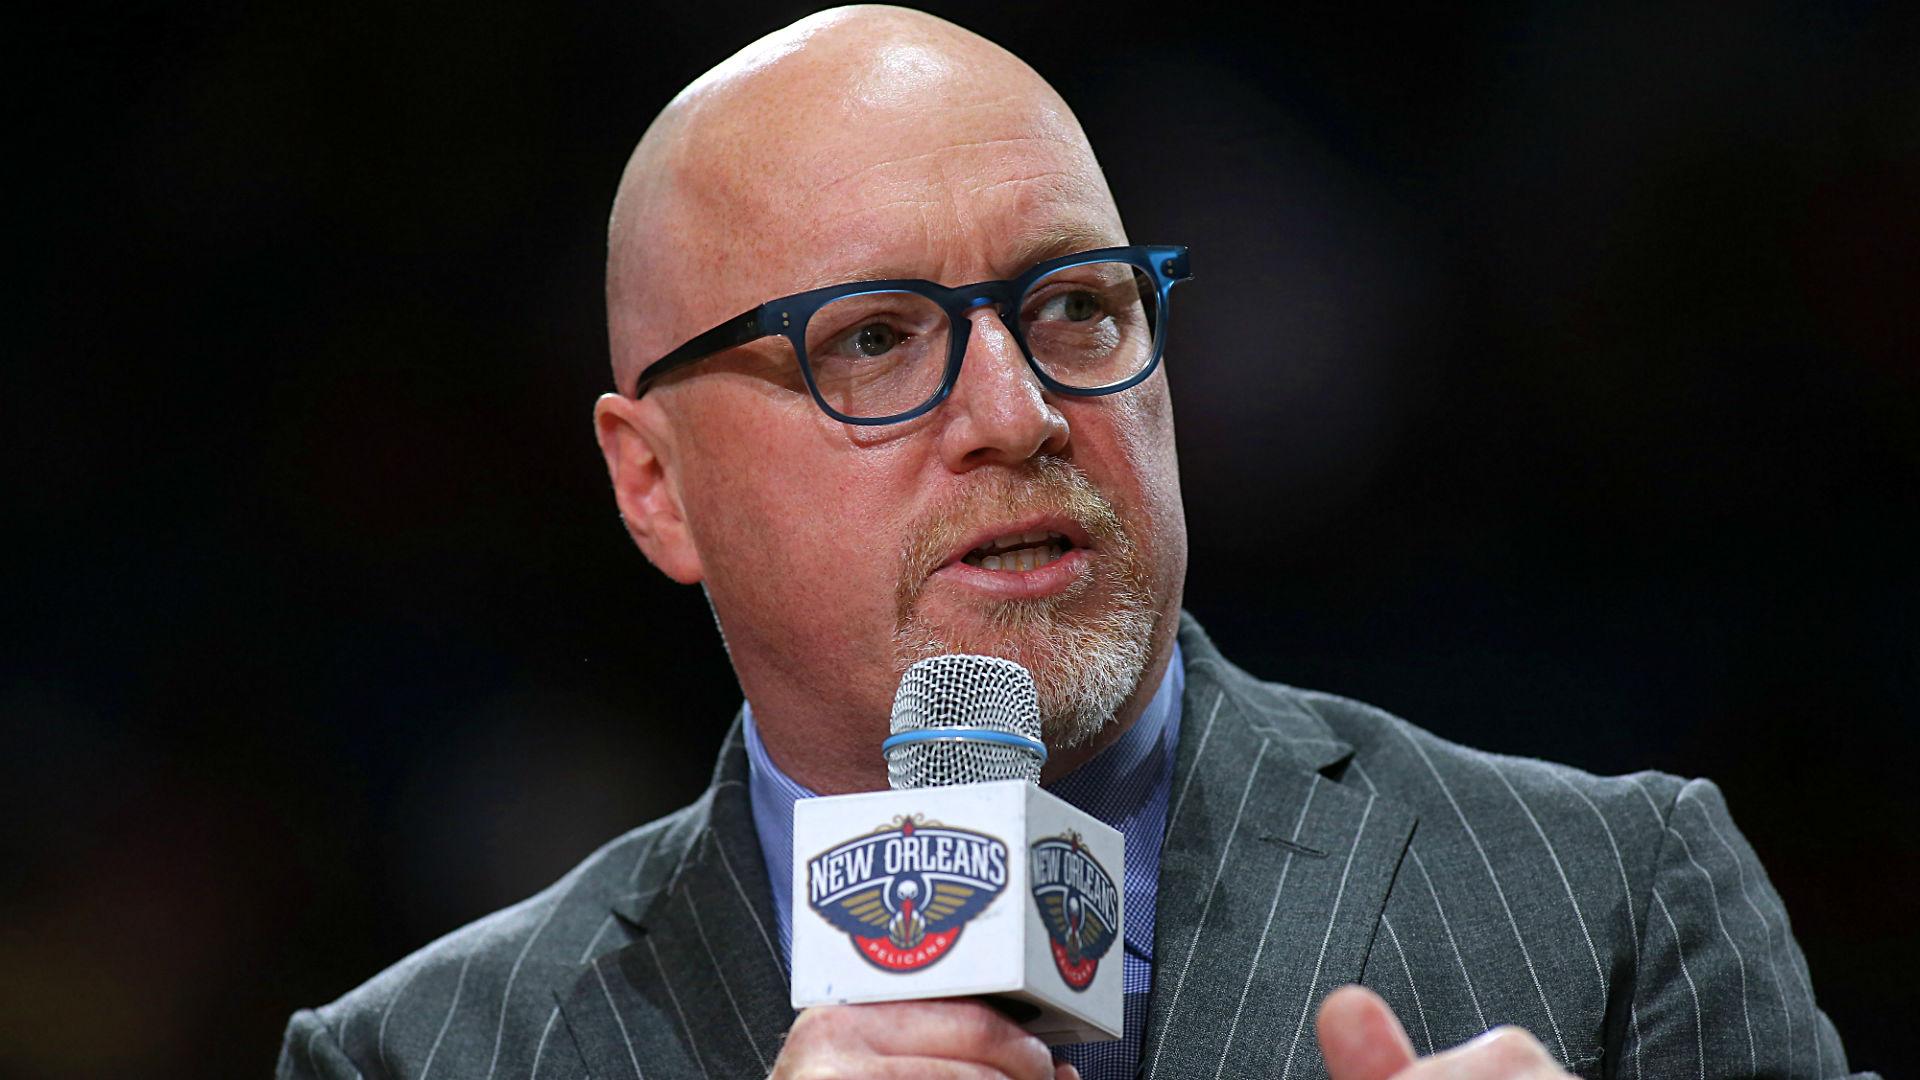 El vicepresidente de los Pelicans, David Griffin: la temporada de cancelación 'no está en absoluto' en la mente de la NBA 2